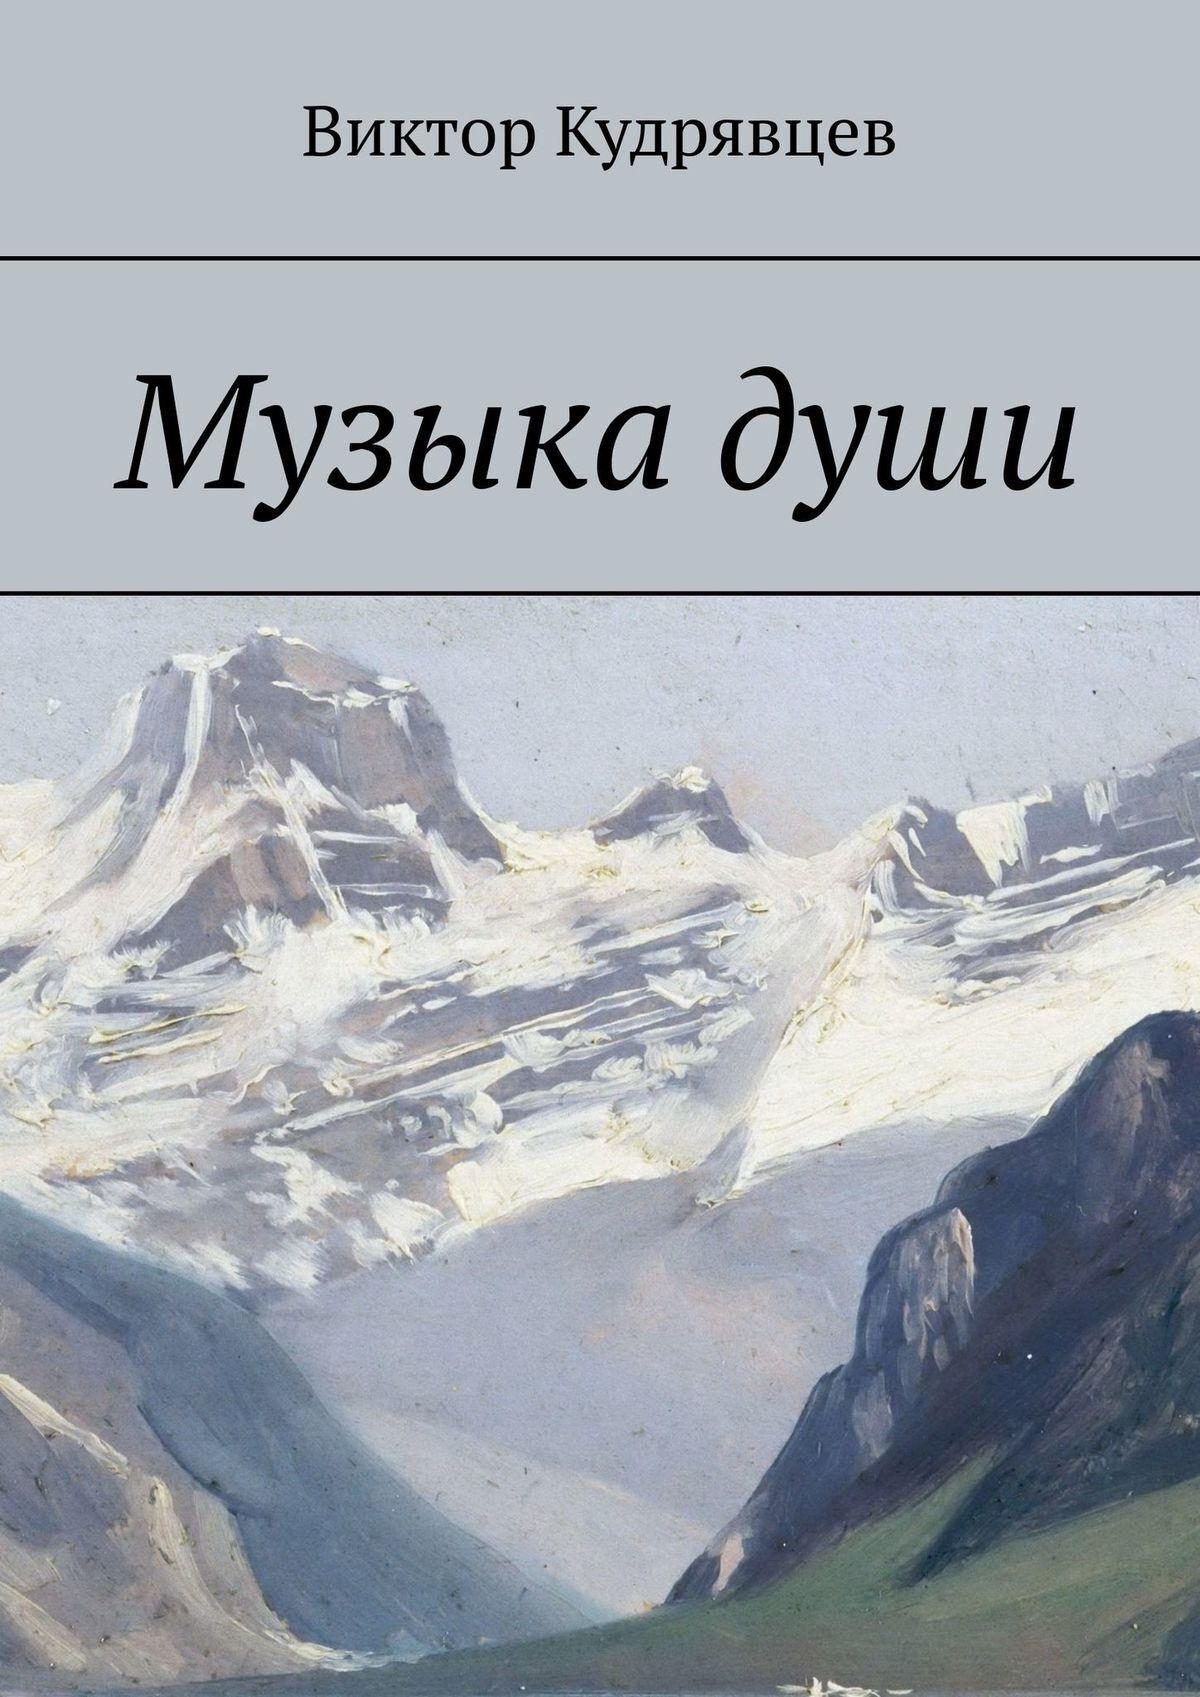 Виктор Кудрявцев Музыкадуши гульназ резванова зимняя весна первая книга олюбви наивная